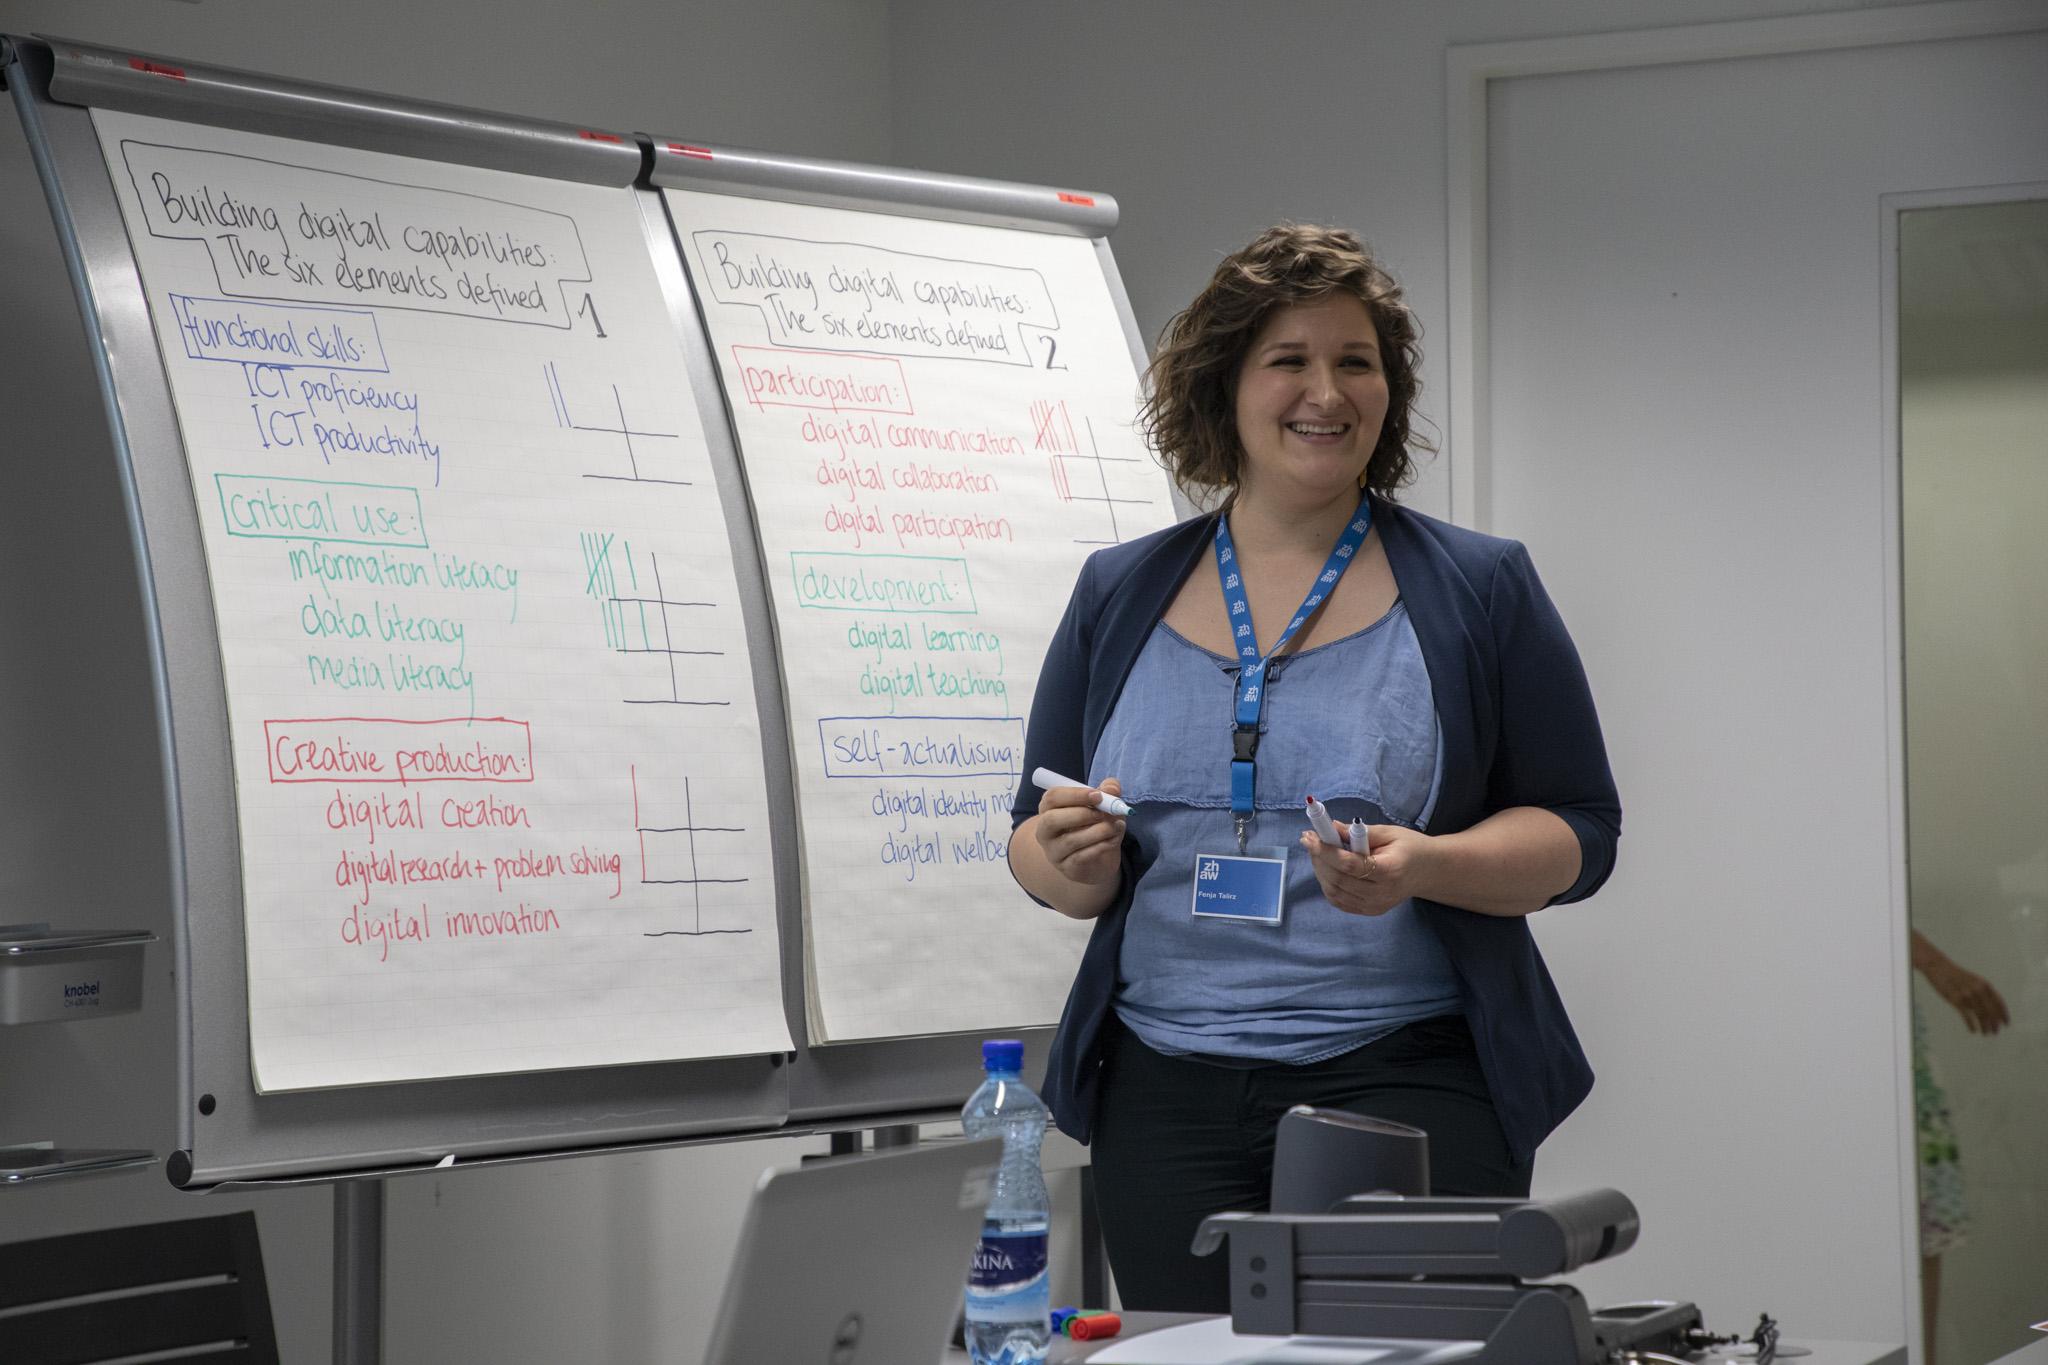 Dokumentation im Diskussionsforum